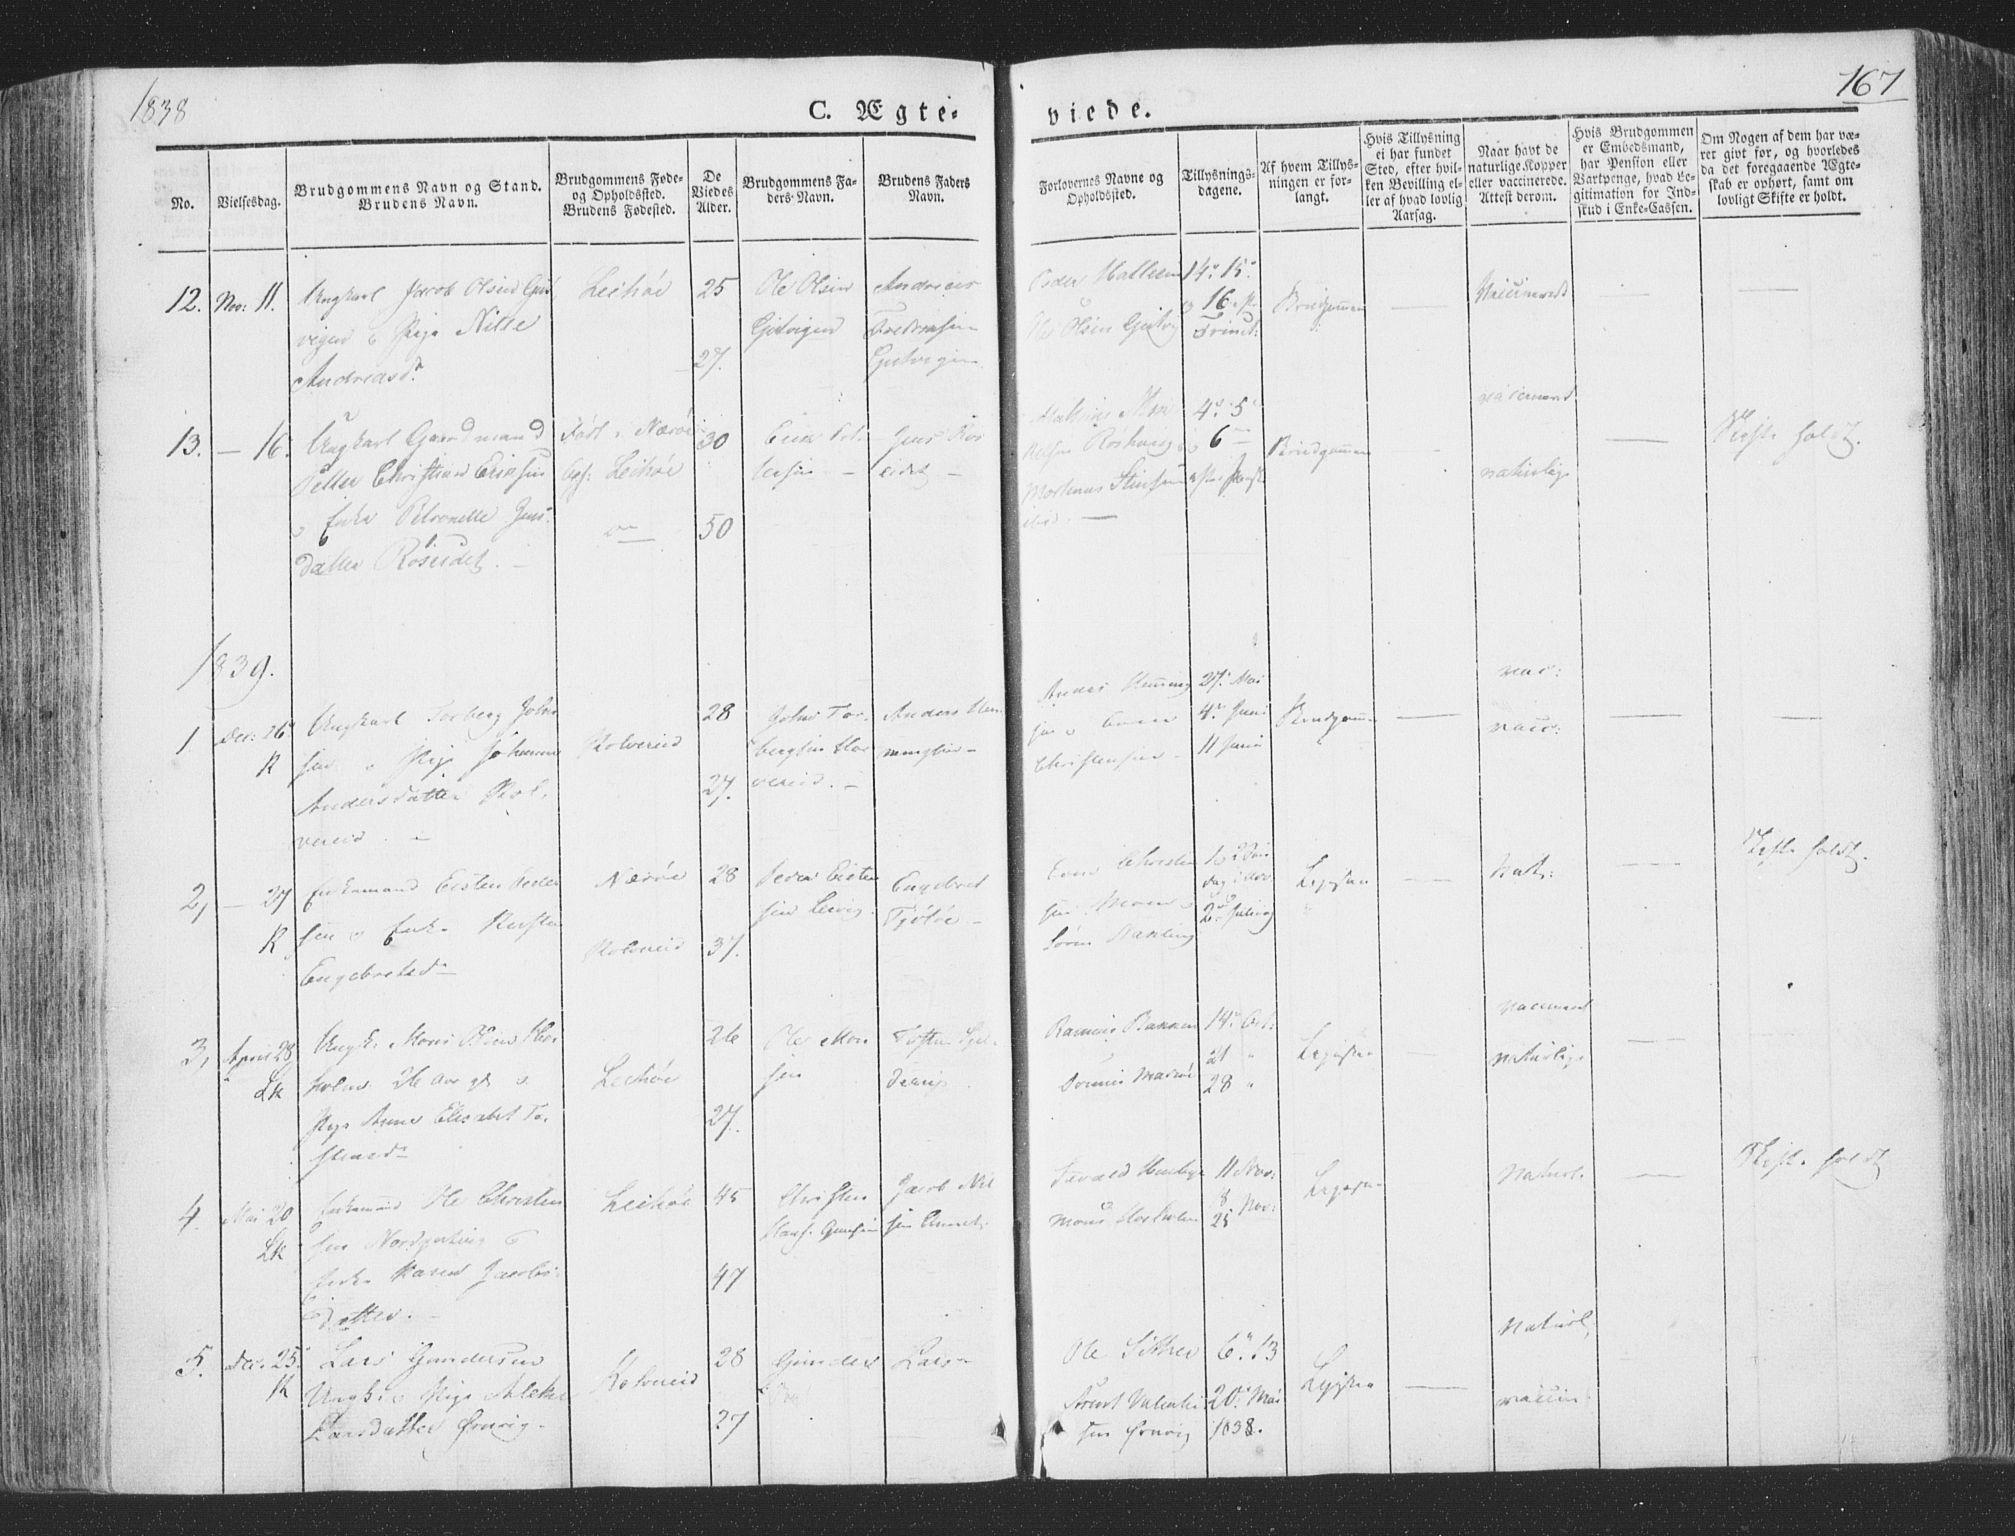 SAT, Ministerialprotokoller, klokkerbøker og fødselsregistre - Nord-Trøndelag, 780/L0639: Ministerialbok nr. 780A04, 1830-1844, s. 167